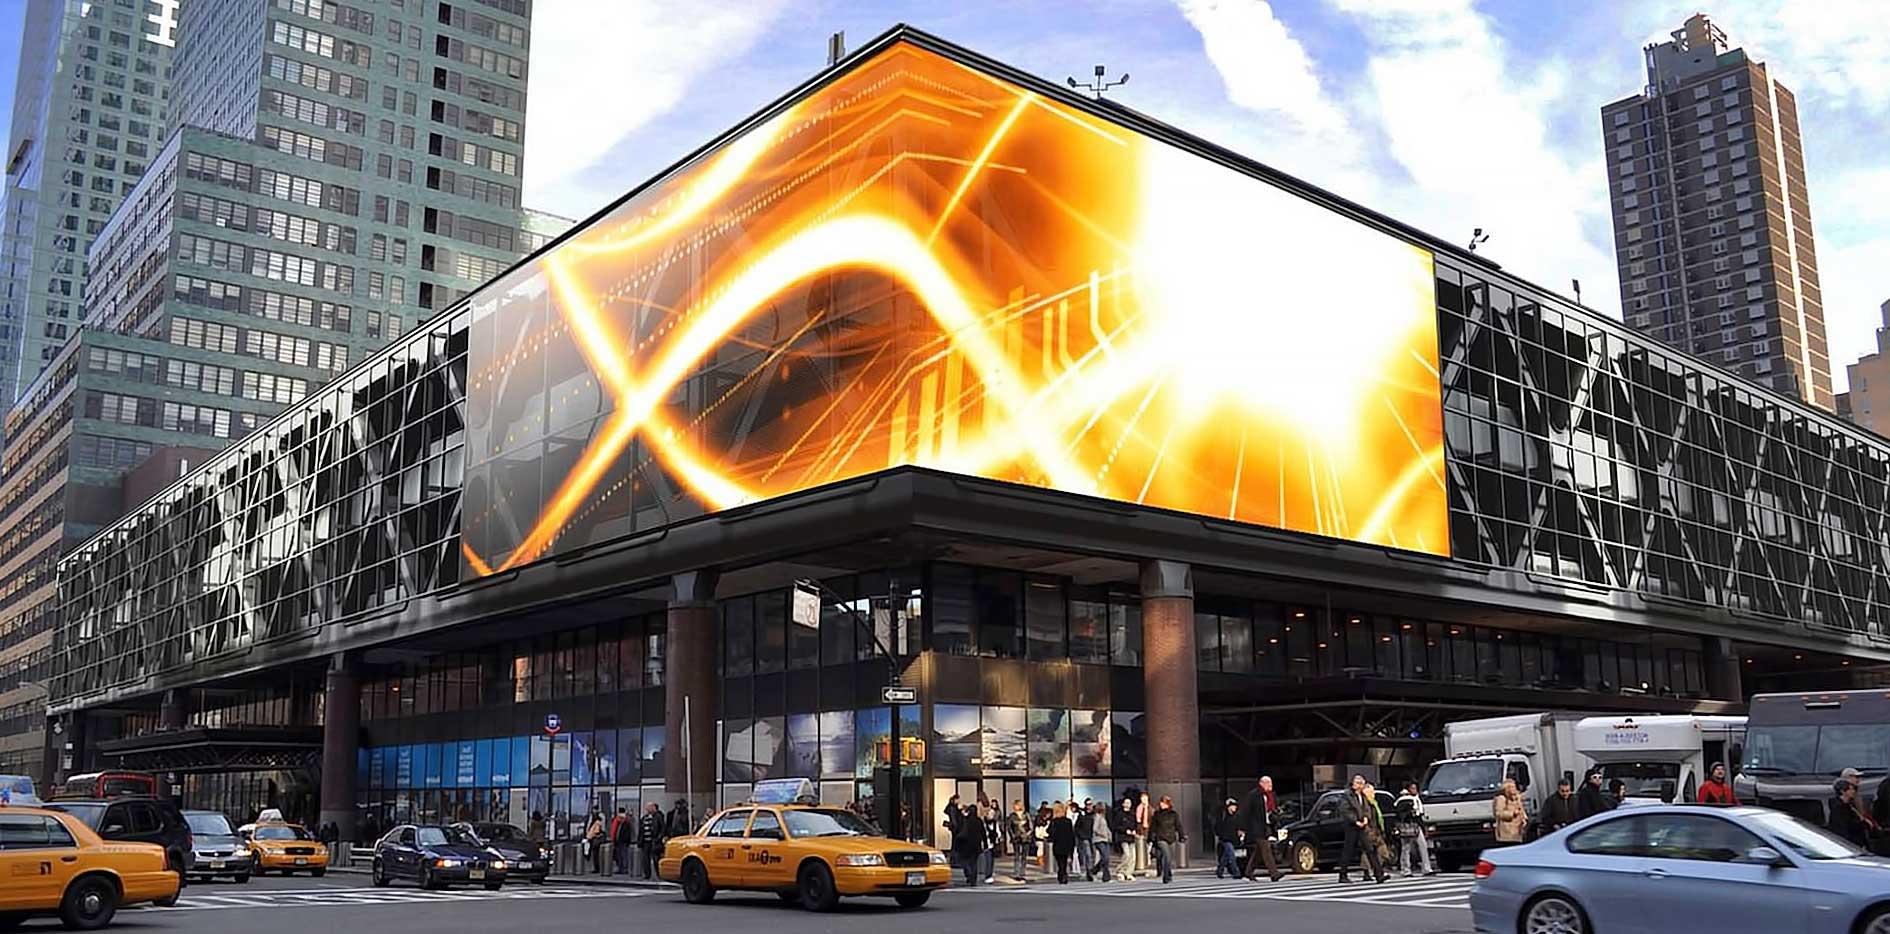 Как разработать индивидуальные светодиодные экраны, которые действительно привлекают внимание к вашему бизнесу